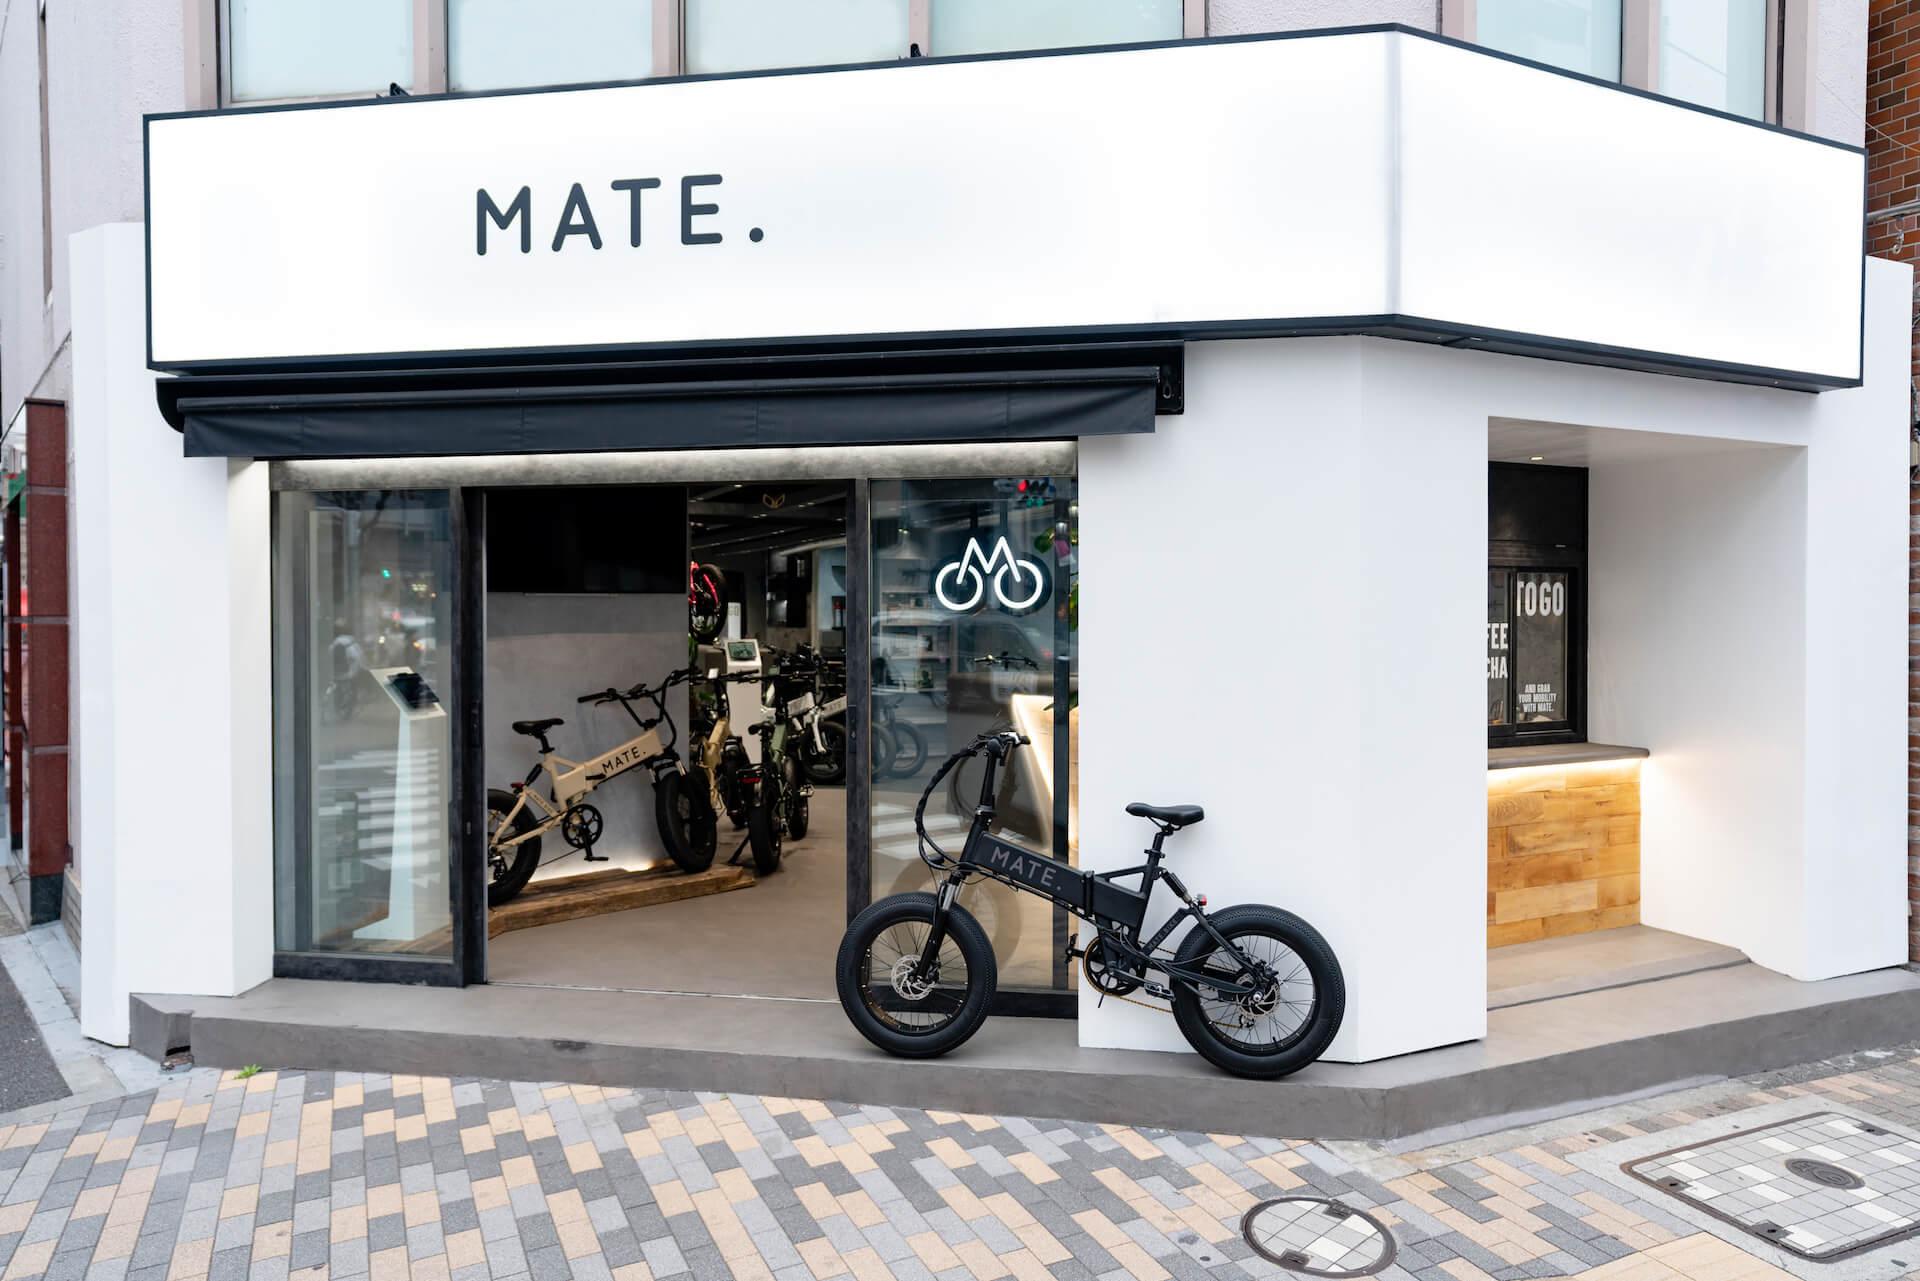 電動自転車ブランド「MATE. BIKE」世界初の旗艦店が恵比寿にオープン!窪塚洋介がジャパンアンバサダーに就任 tech210331_mate_bike_4